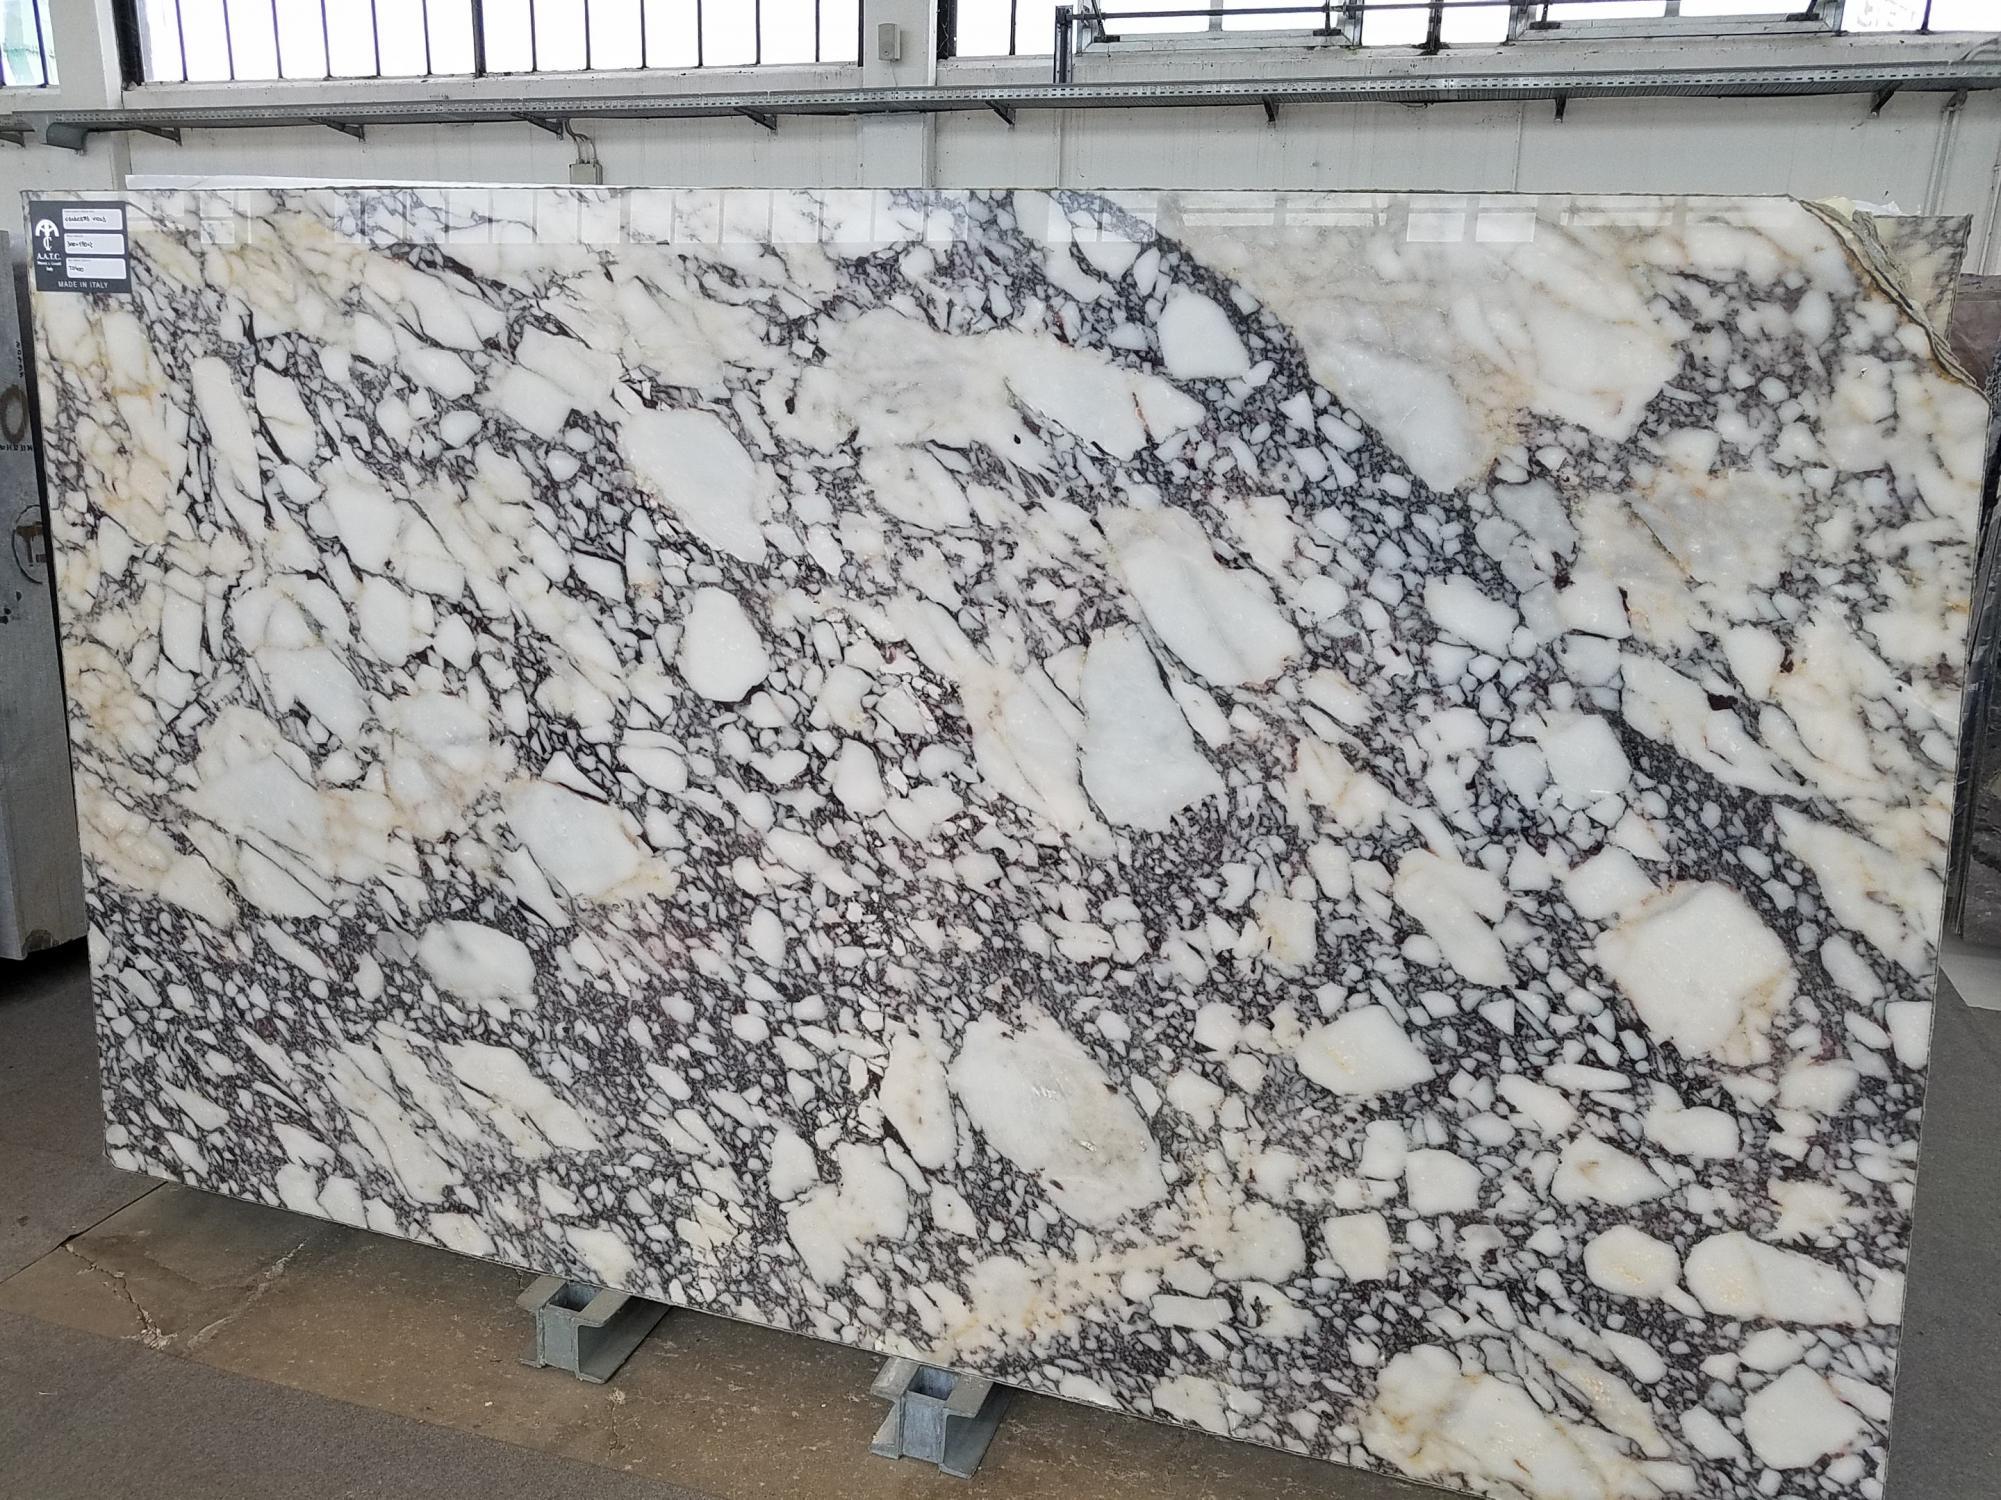 CALACATTA VIOLA Suministro Veneto (Italia) de planchas pulidas en mármol natural T0400 , SL2CM